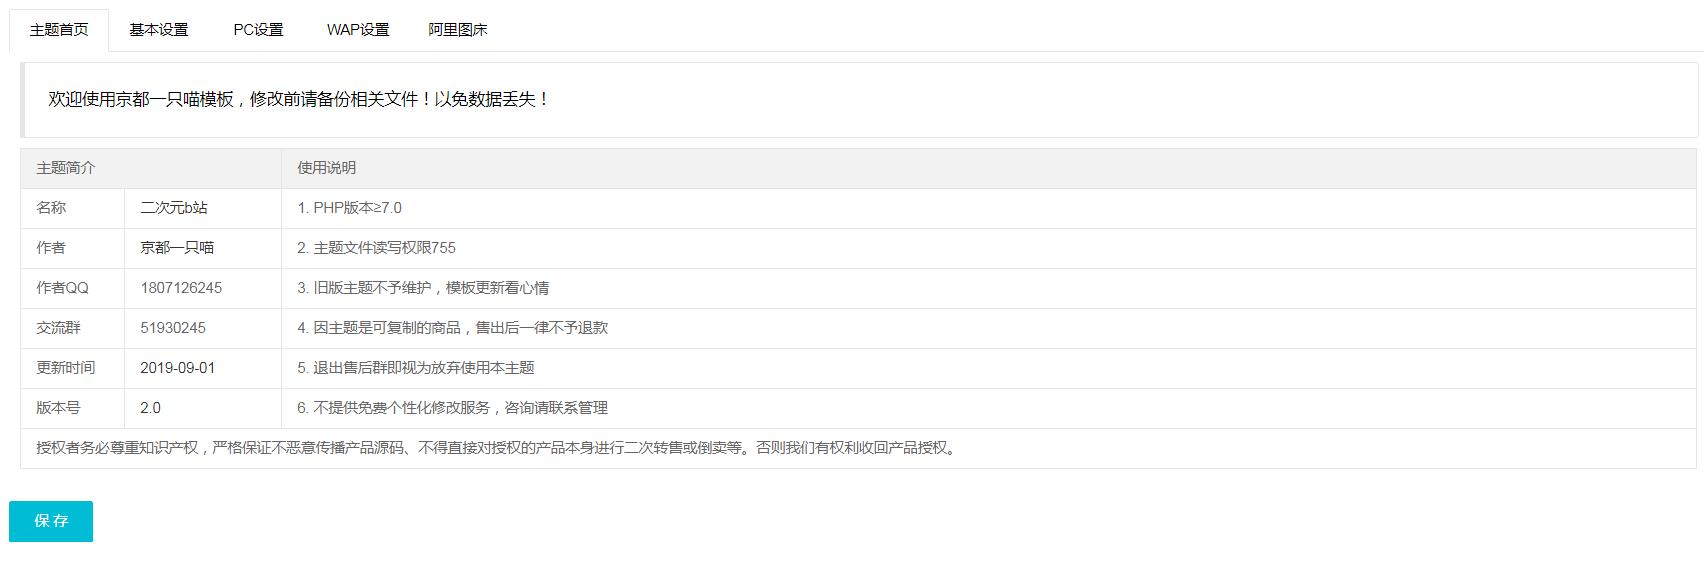 京东一只喵(仿B站PC端和移动端主题),苹果CMSv10主题模板完整修复版插图(6)